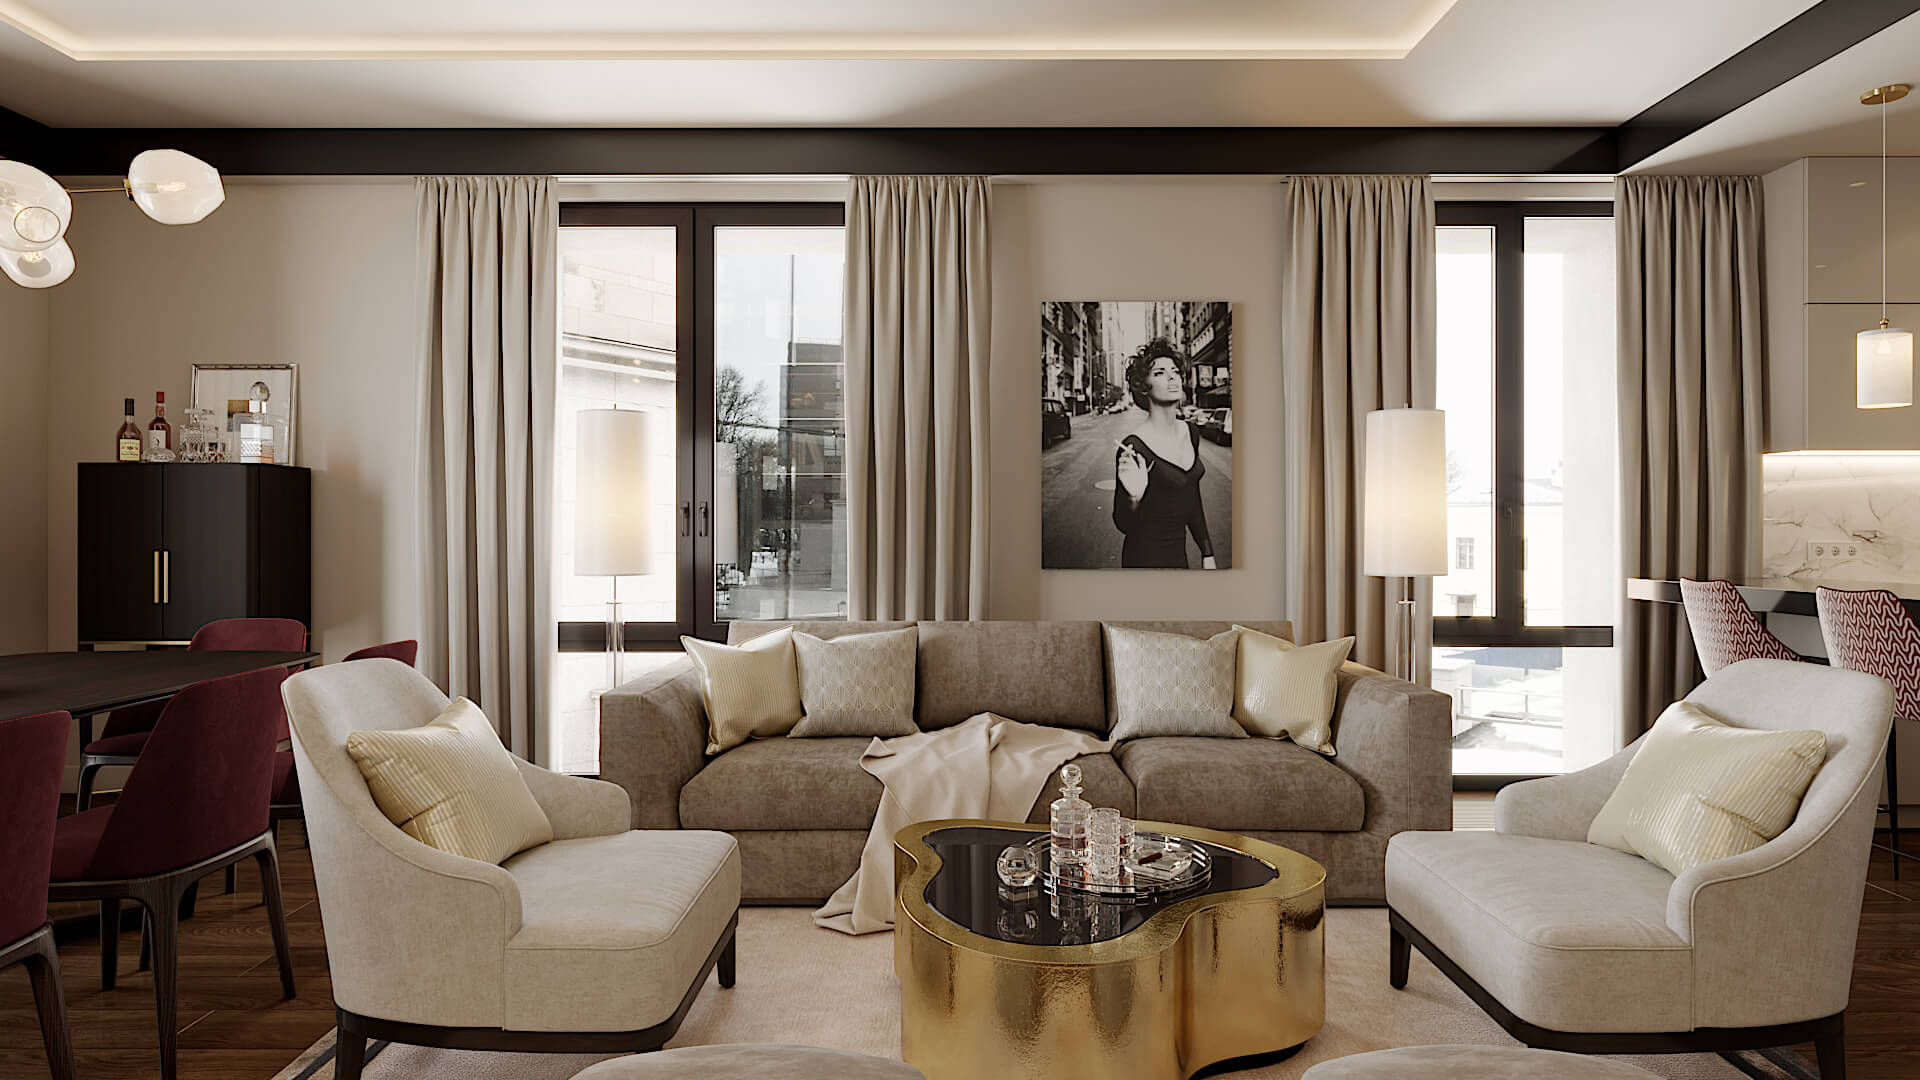 Однокомнатная квартира 40 кв м в стиле модерн